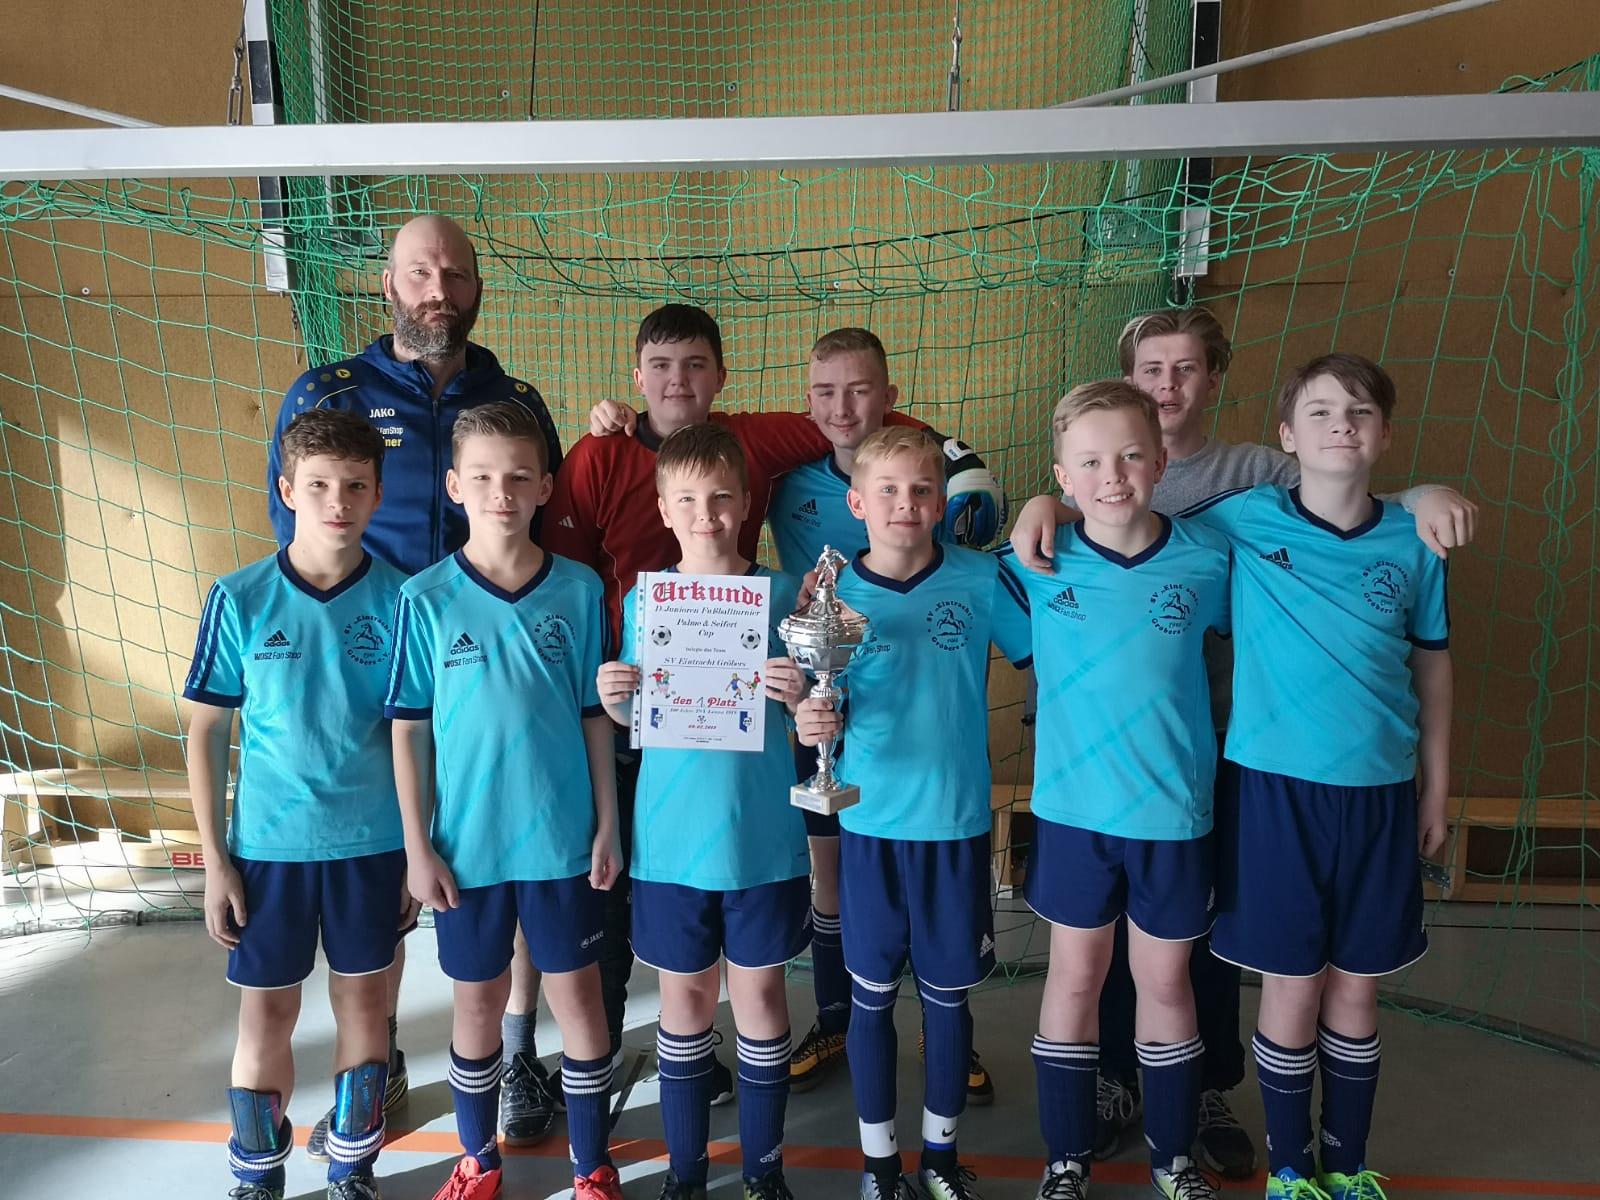 Turniersieg der D-Jugend beim Palme & Seifert Cup des TSV Leuna